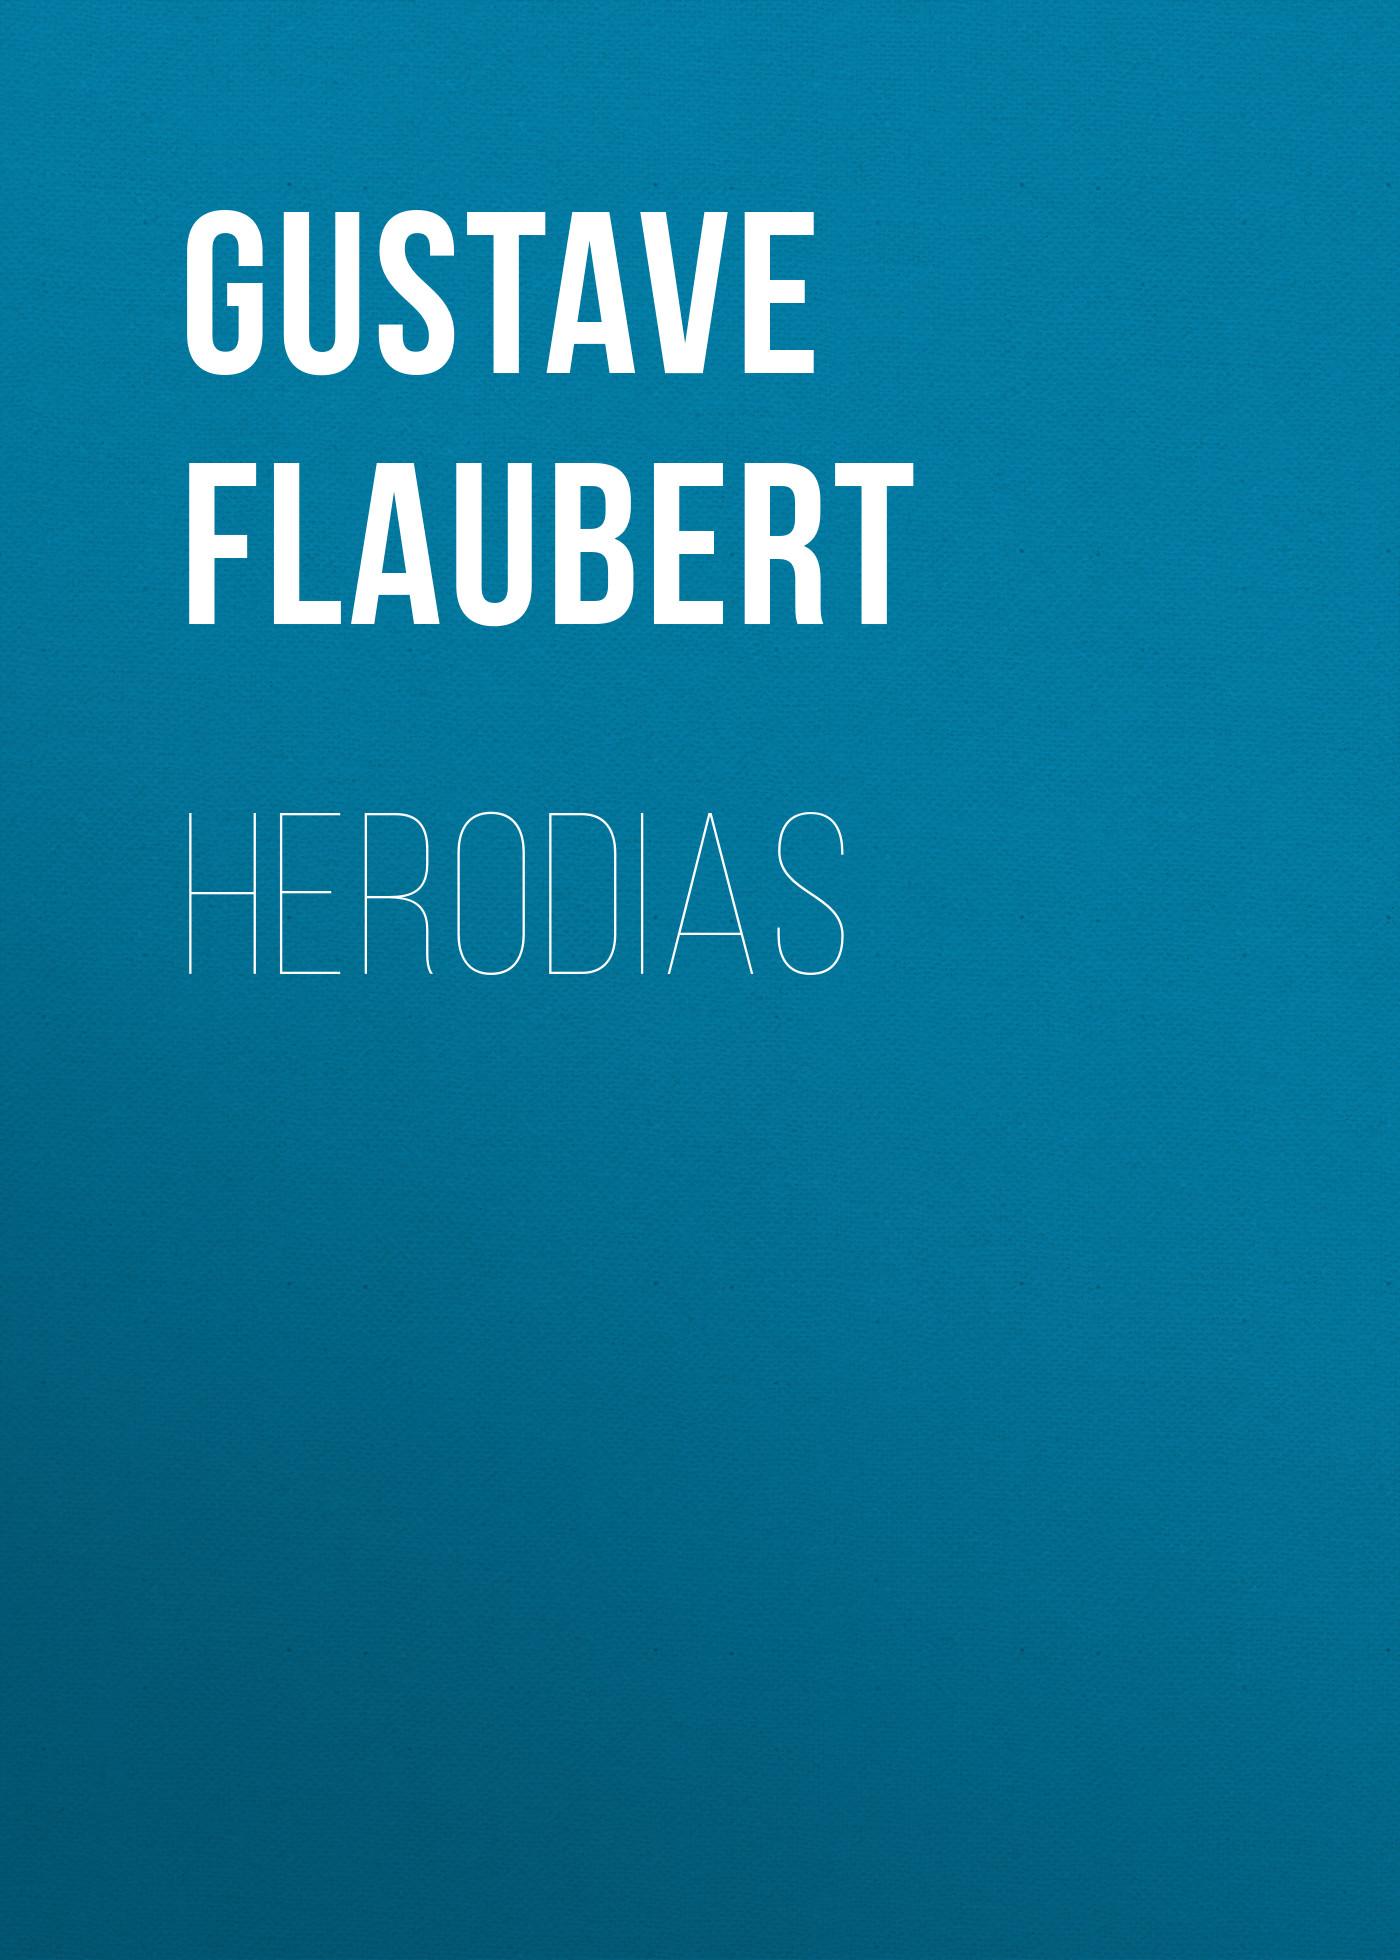 где купить Gustave Flaubert Herodias дешево